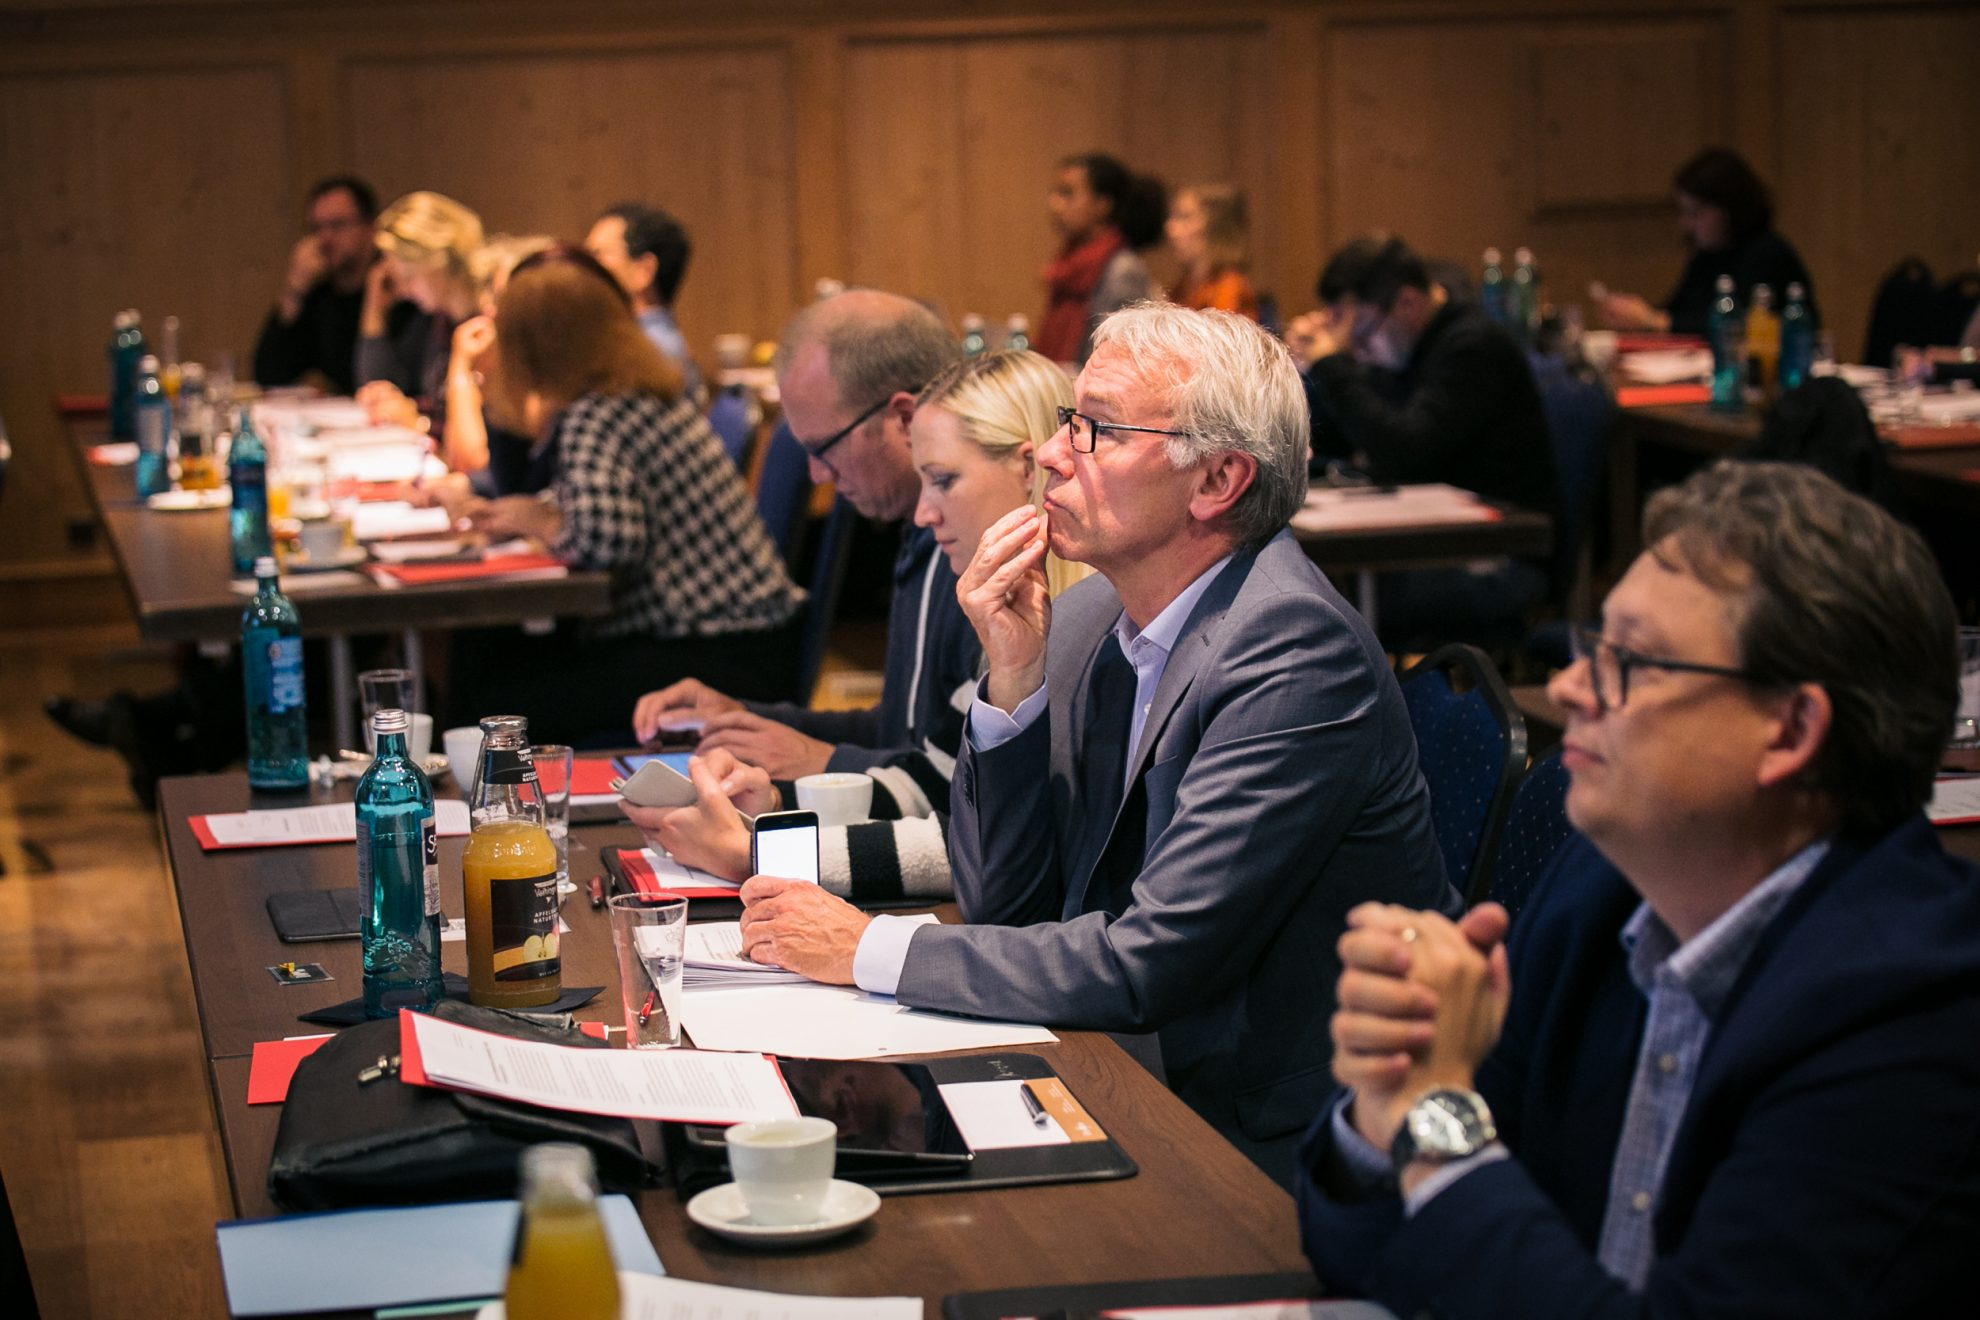 Teilnehmer der Klausur sitzen an den Tischen und folgen einer Rede